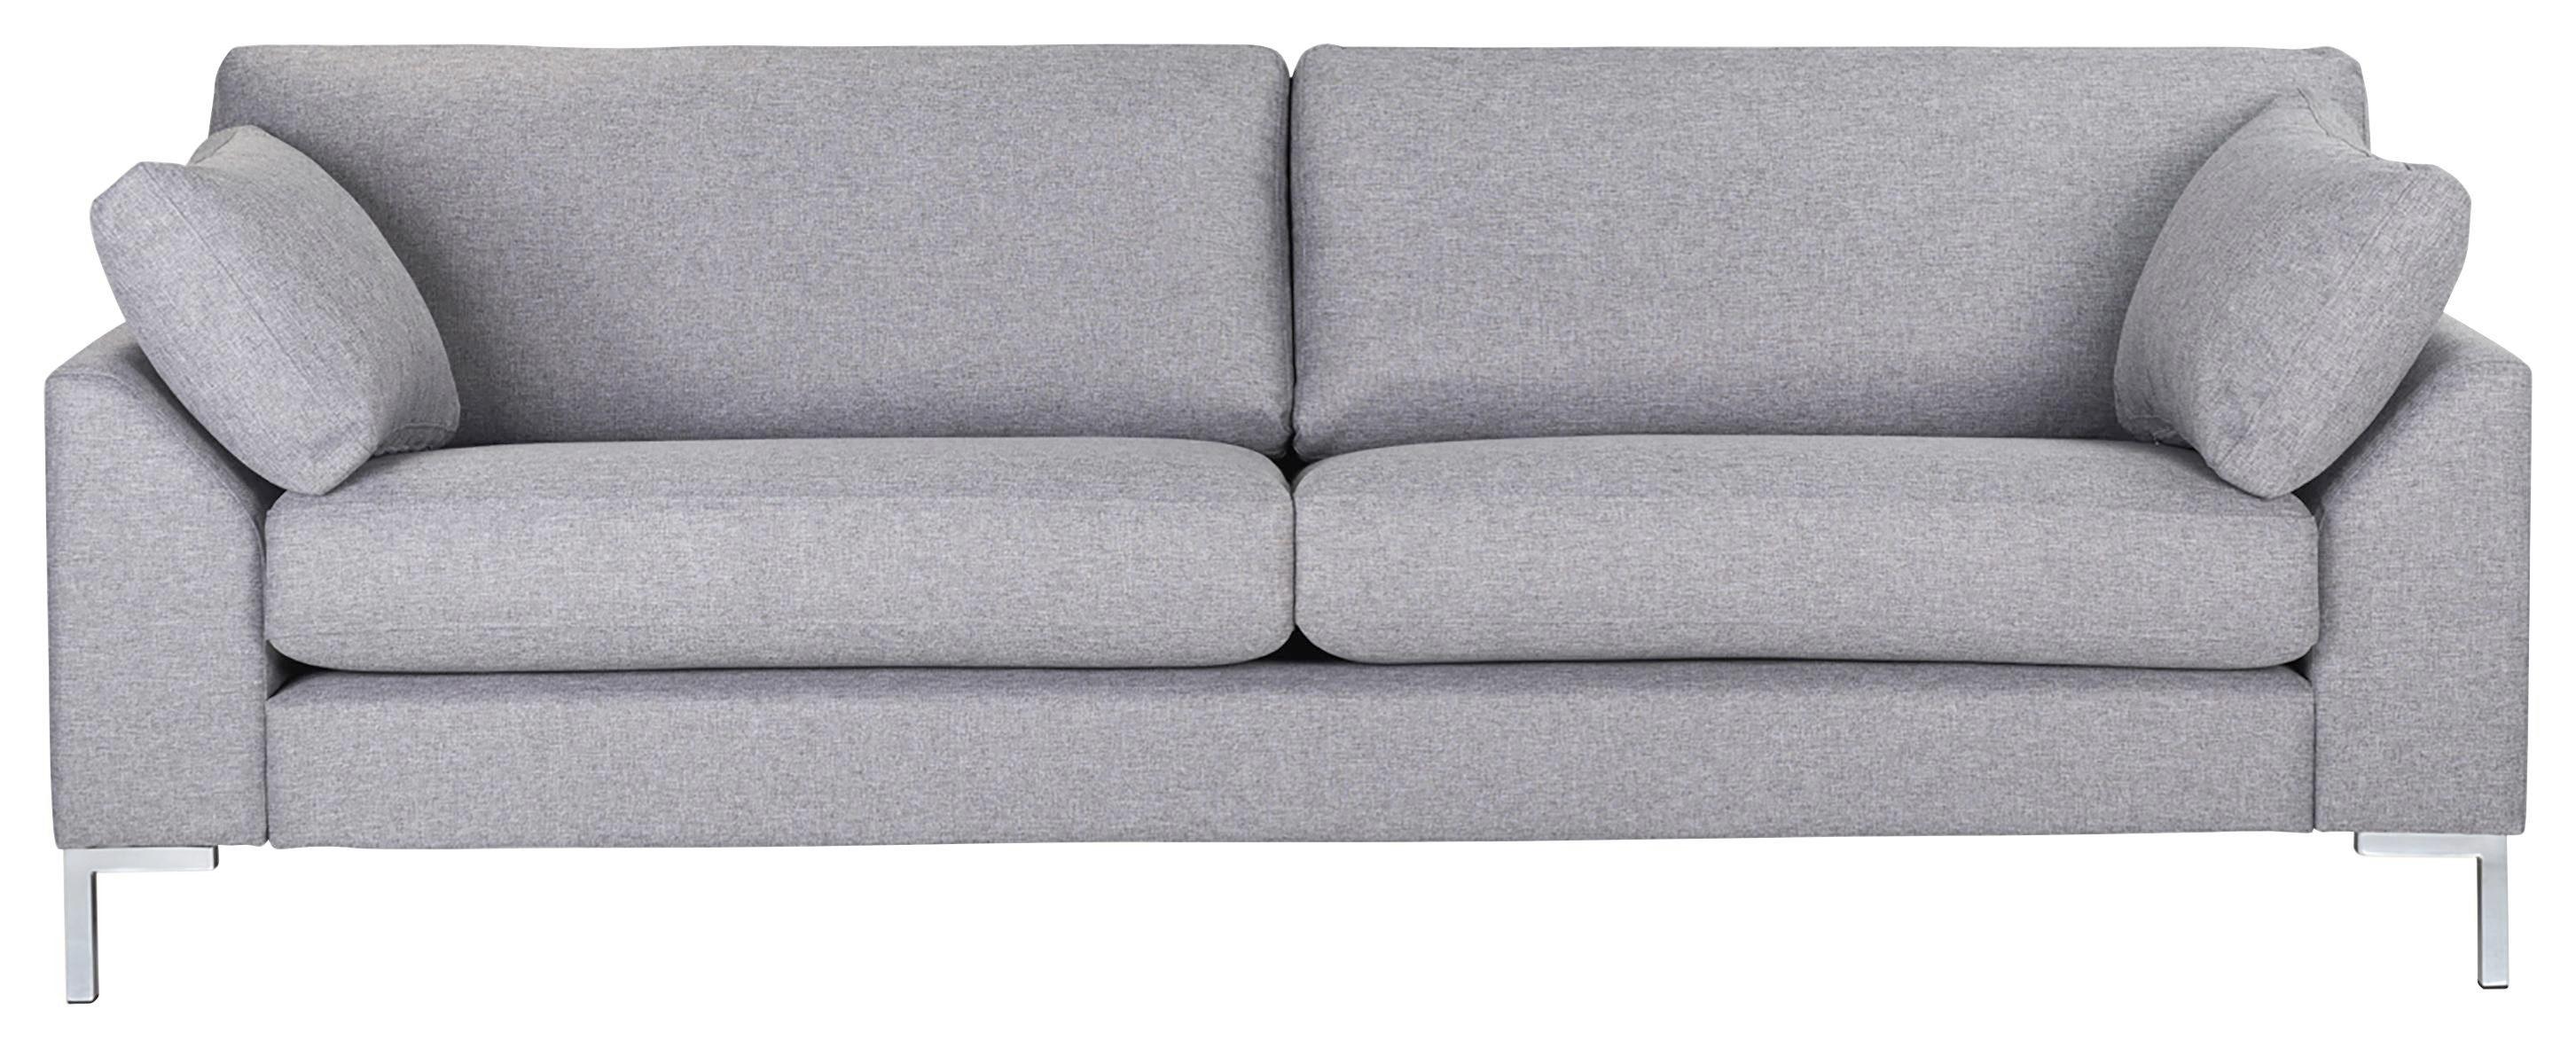 SOFFA - kromfärg/grå, Klassisk, metall/trä (225/84/85cm) - Hom`in